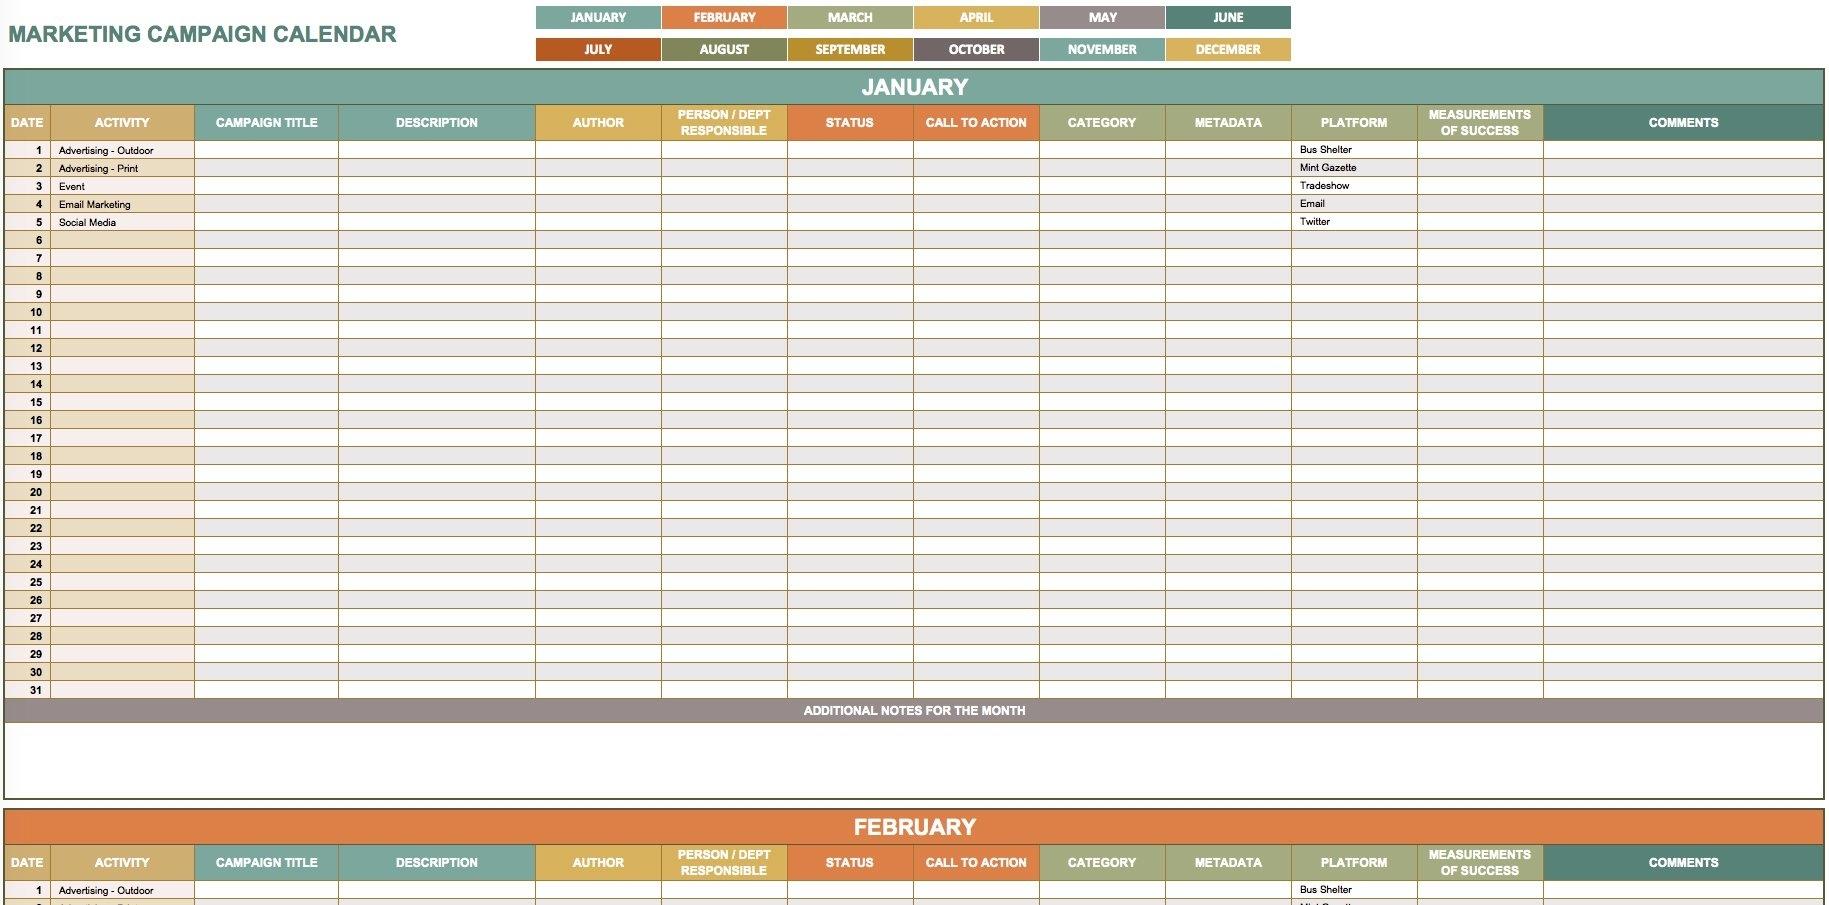 9 Free Marketing Calendar Templates For Excel - Smartsheet for Schedule Of Activities Calendar Format